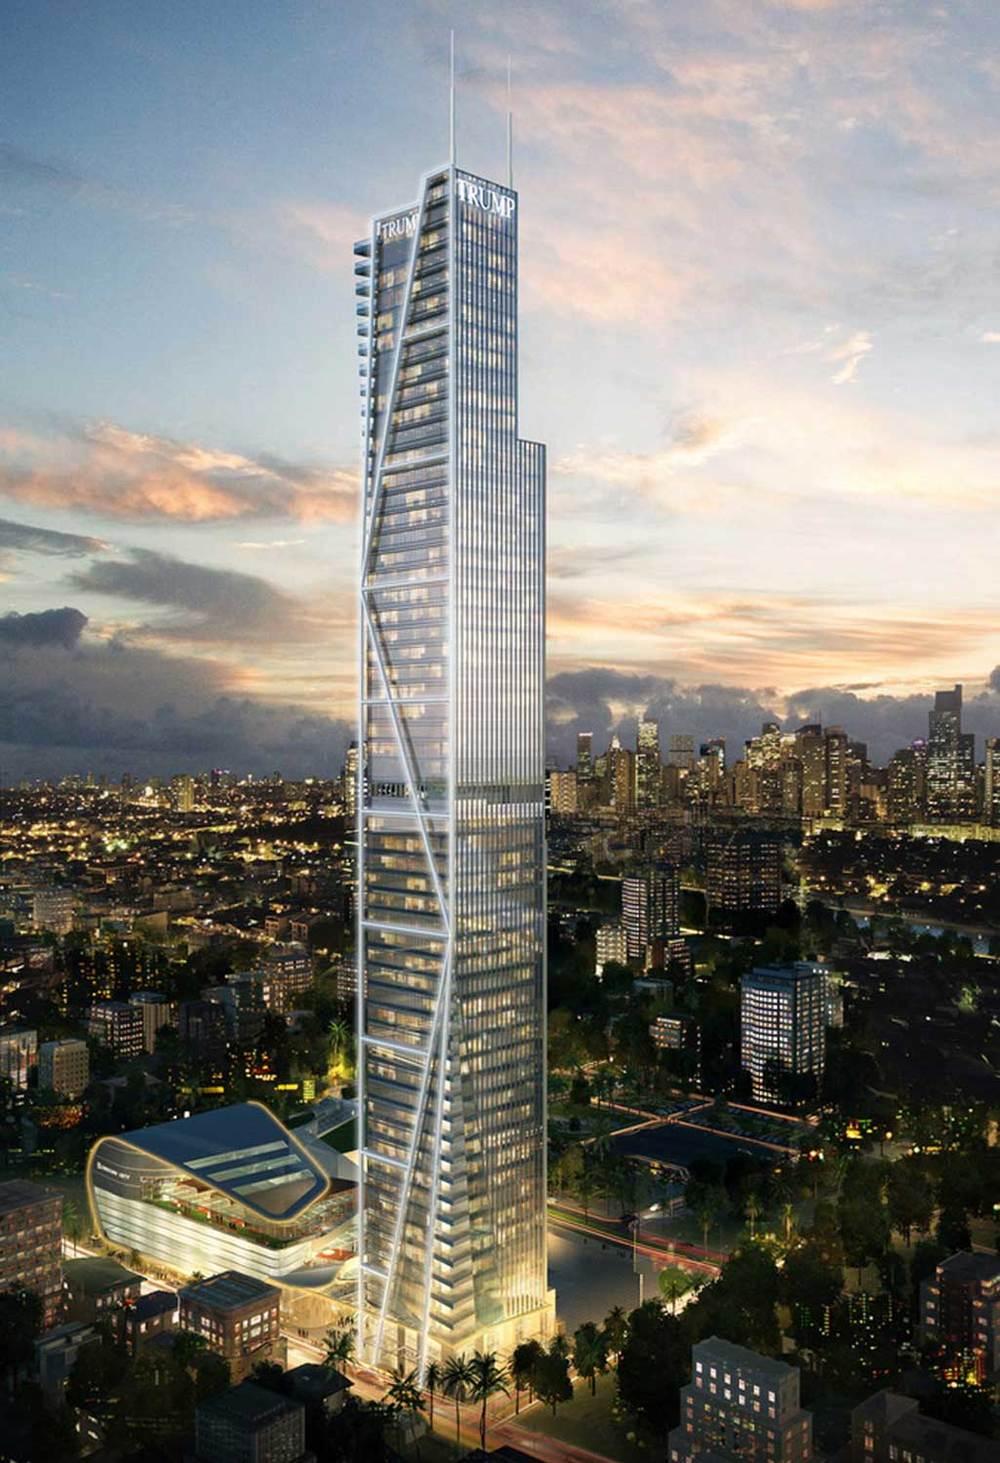 Trump-Tower-Makati-City-The-Philippines.jpg